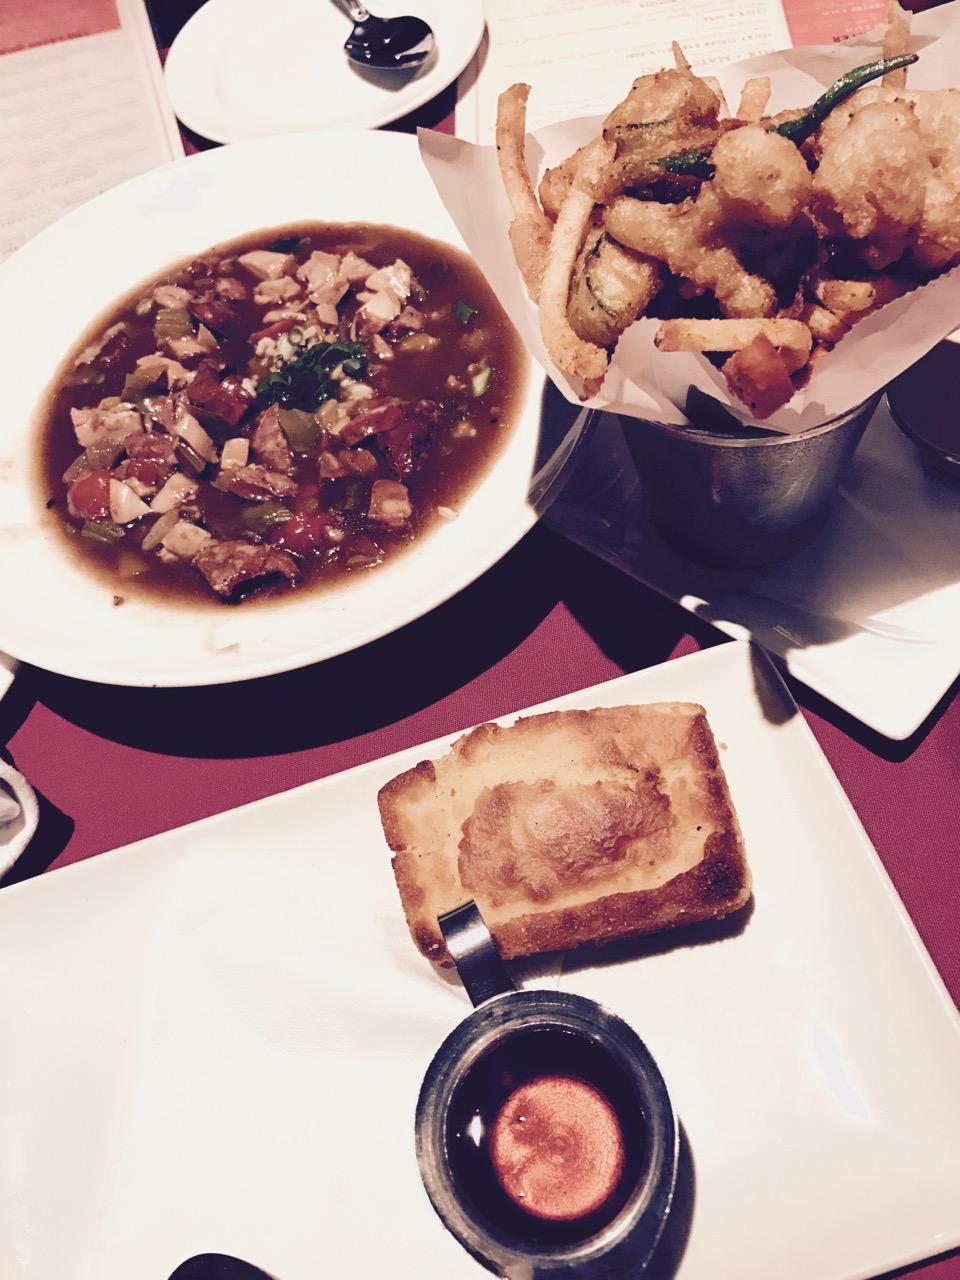 nola-new-orleans-restaurant-05